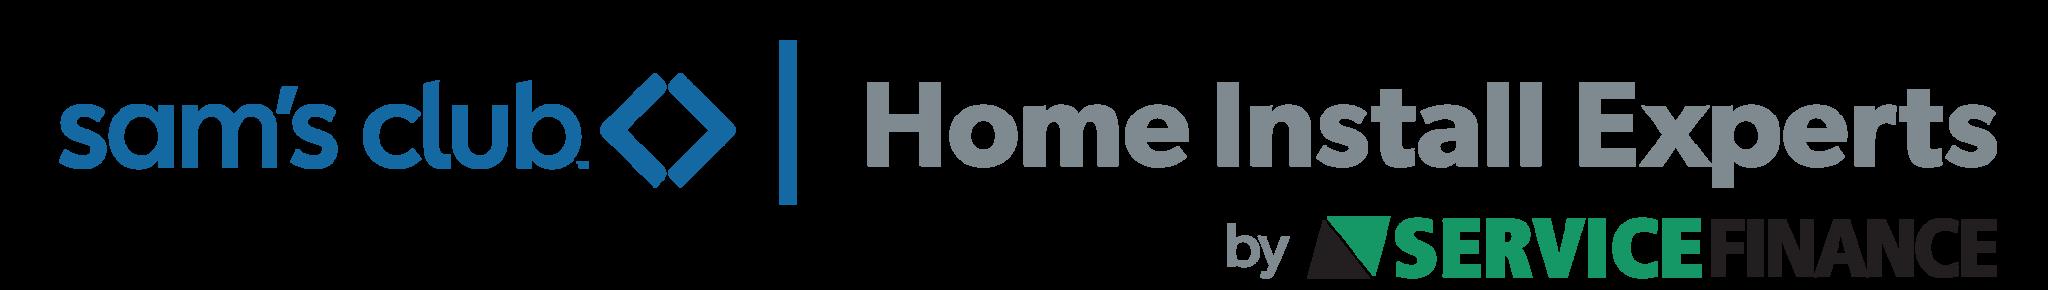 HomeInstallExperts